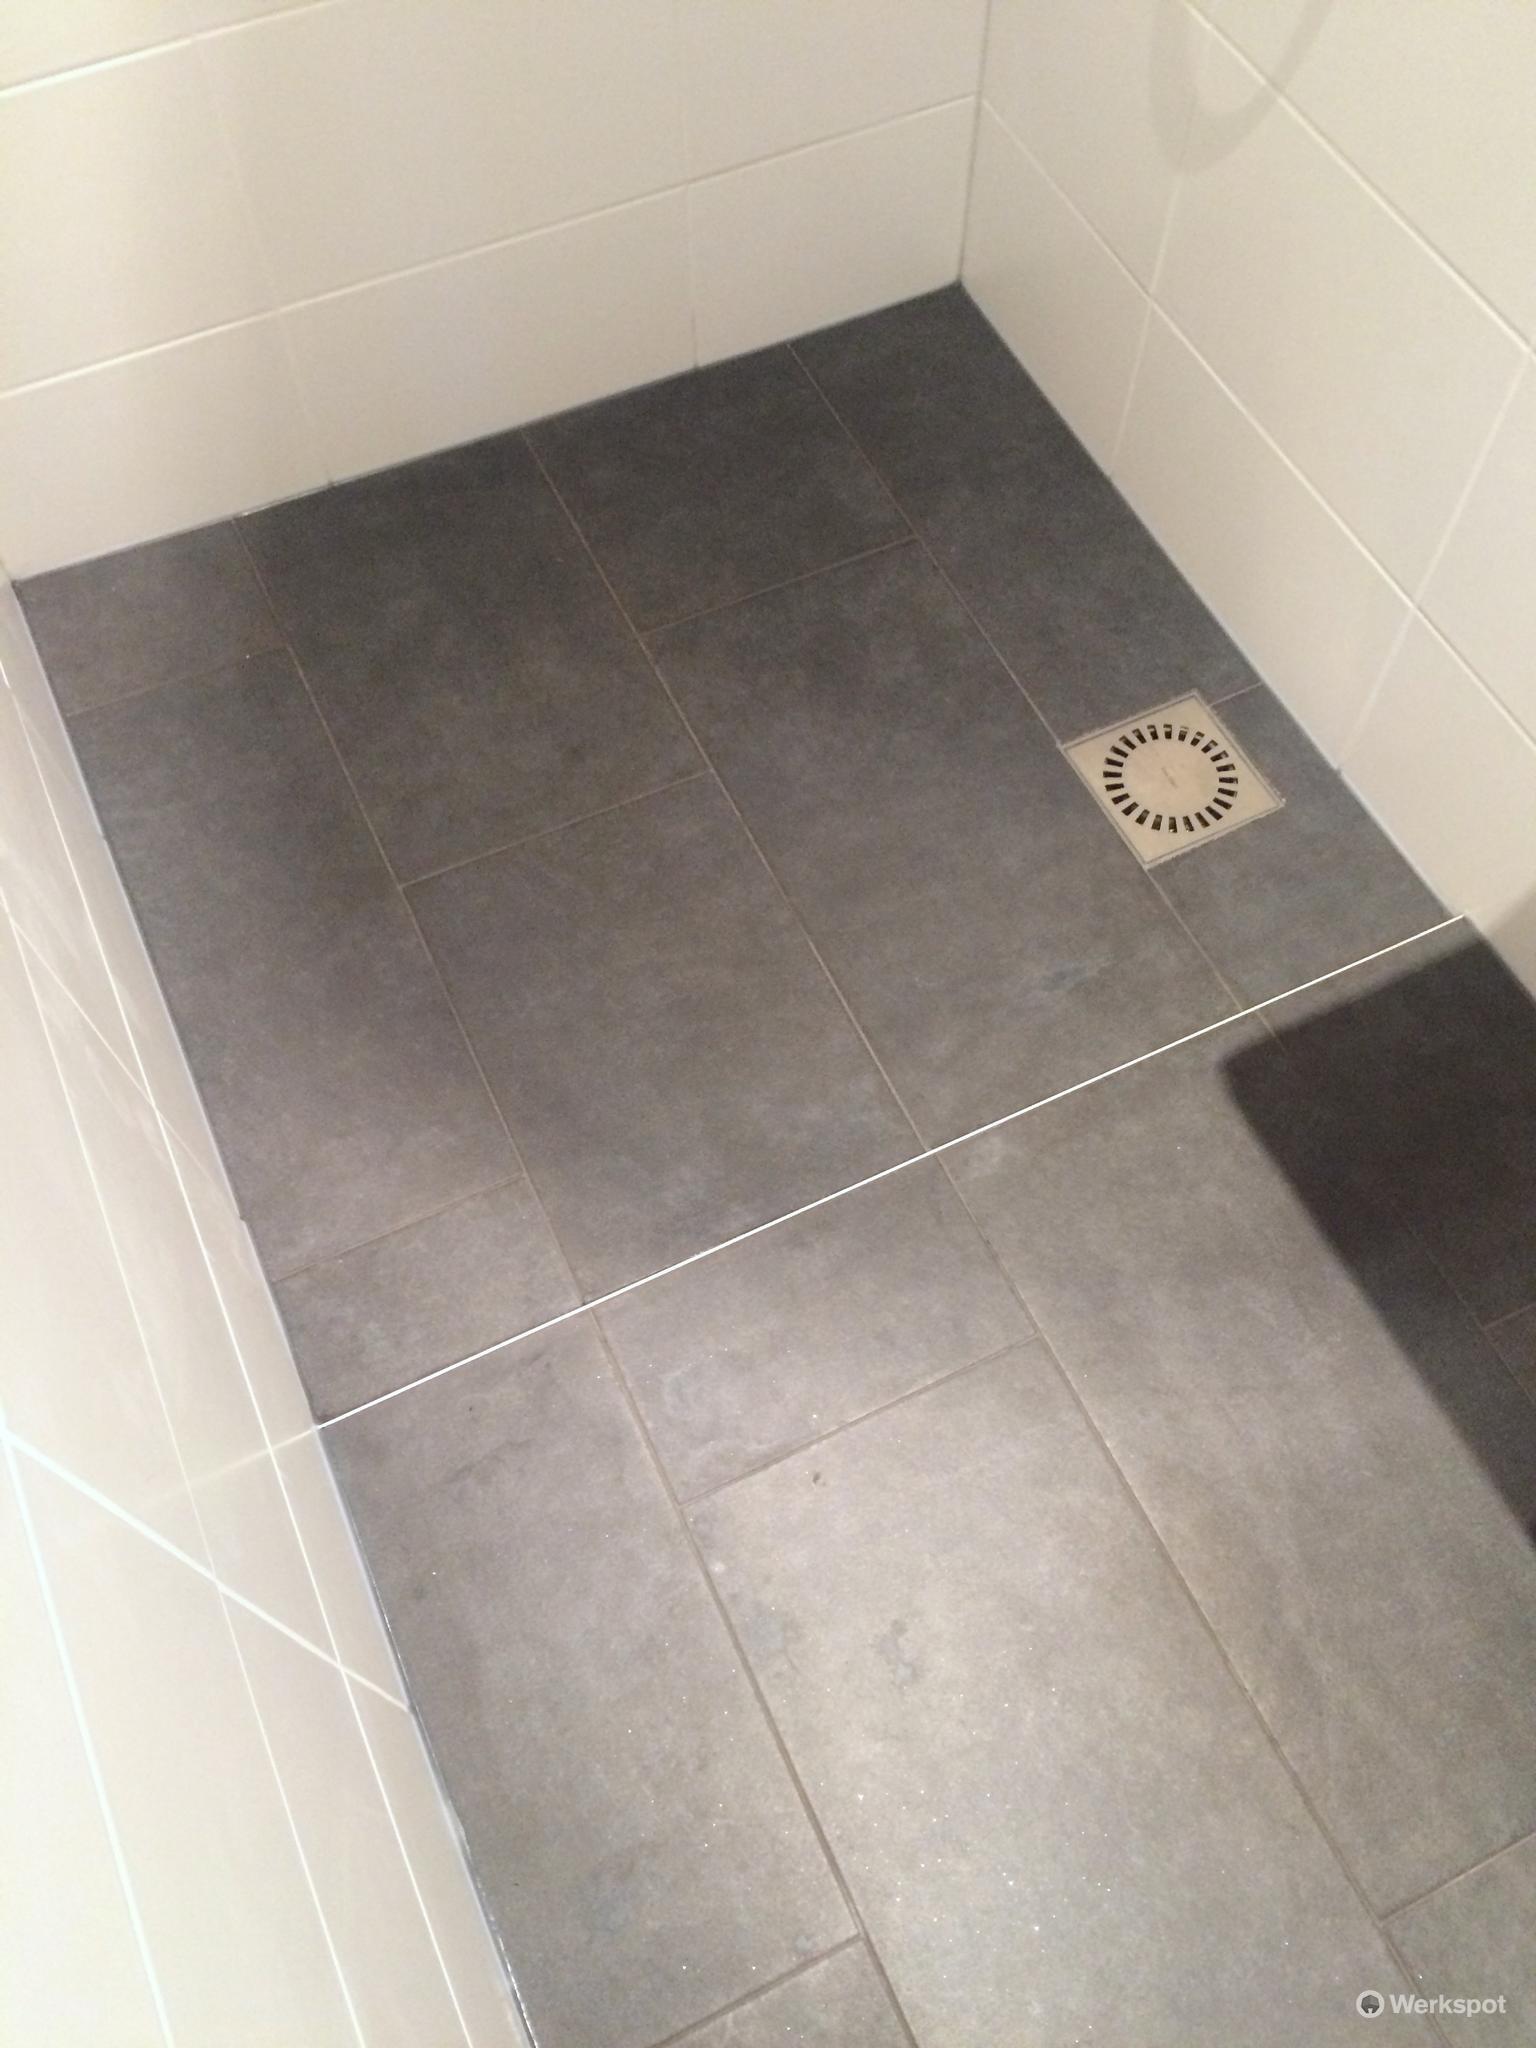 tegels zetten badkamer 1 05 x 2 25 meter over bestaande terazzo